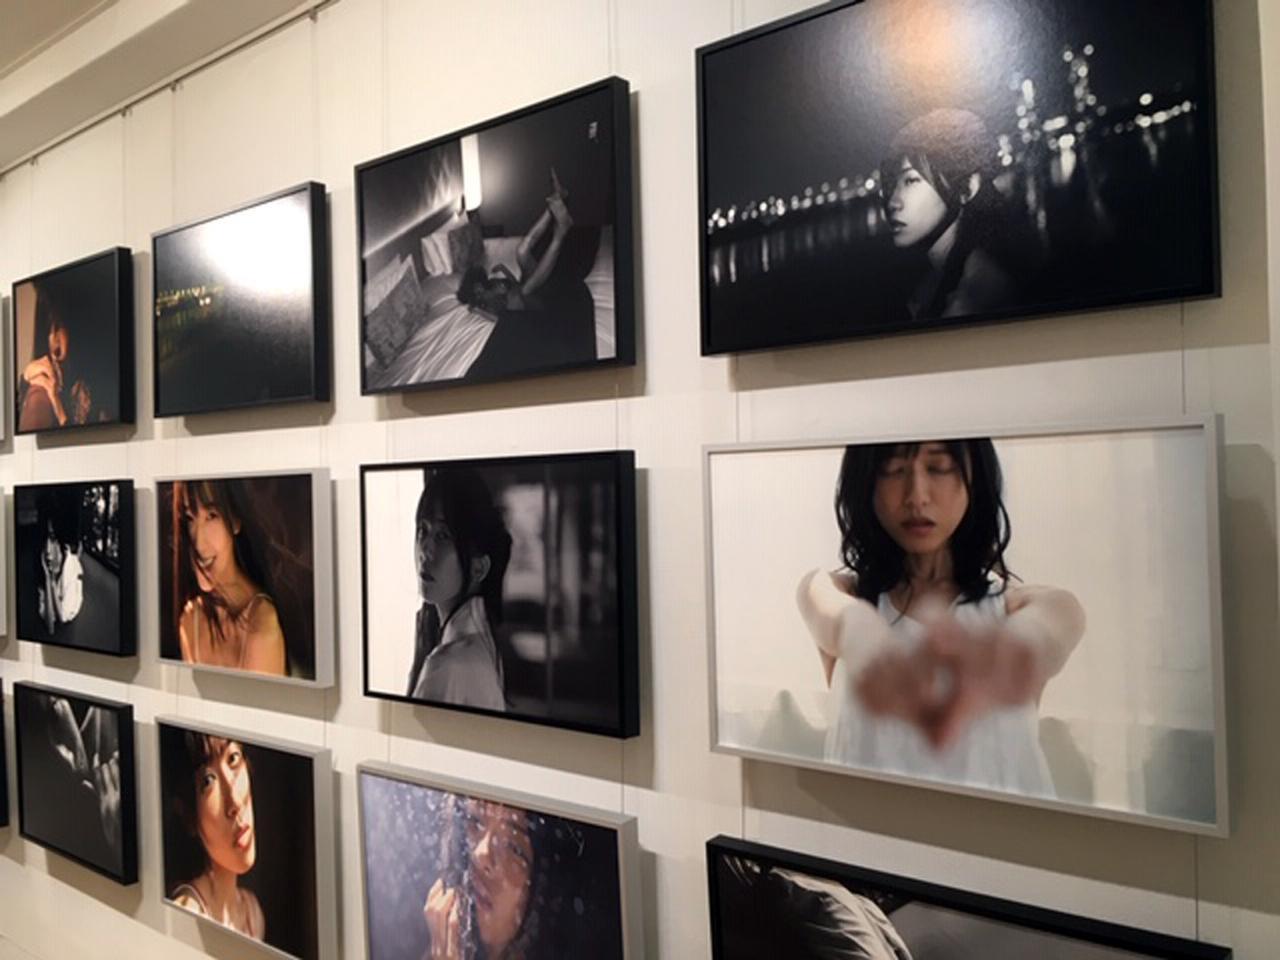 画像2: いのうえのぞみ×福島裕二展は、恵比寿展&神宮前展の2会場同時開催中です。ちなみに、神宮前展は入場料500円ですが、下記の恵比寿展は無料となっています。